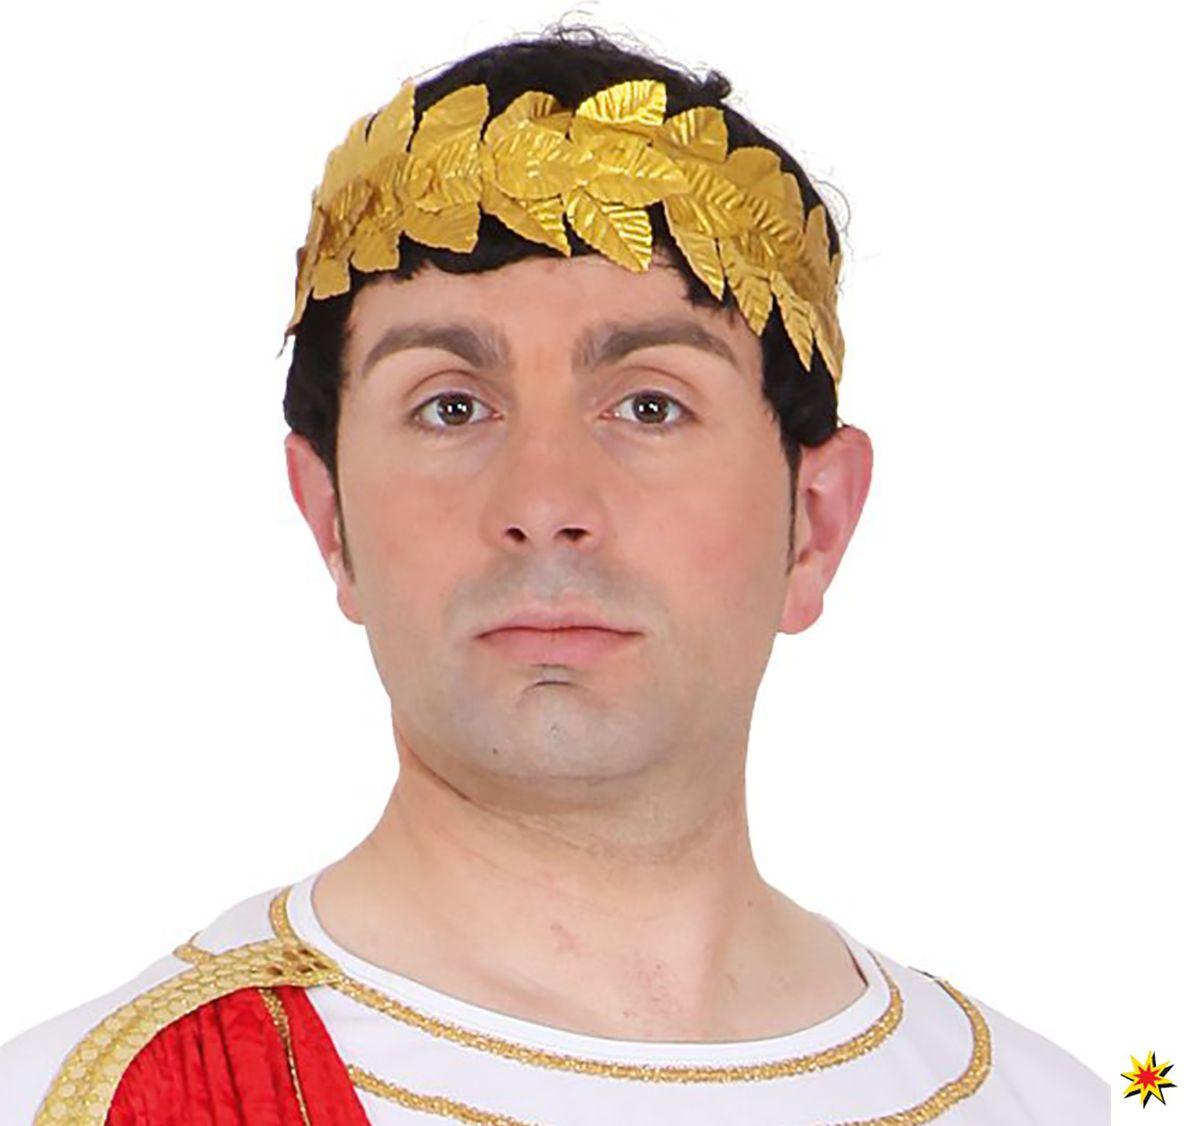 Lorbeerkranz Caesar Siegerkranz Römer Kostüm-Zubehör Accessoire Fasching Karneval Mottoparty